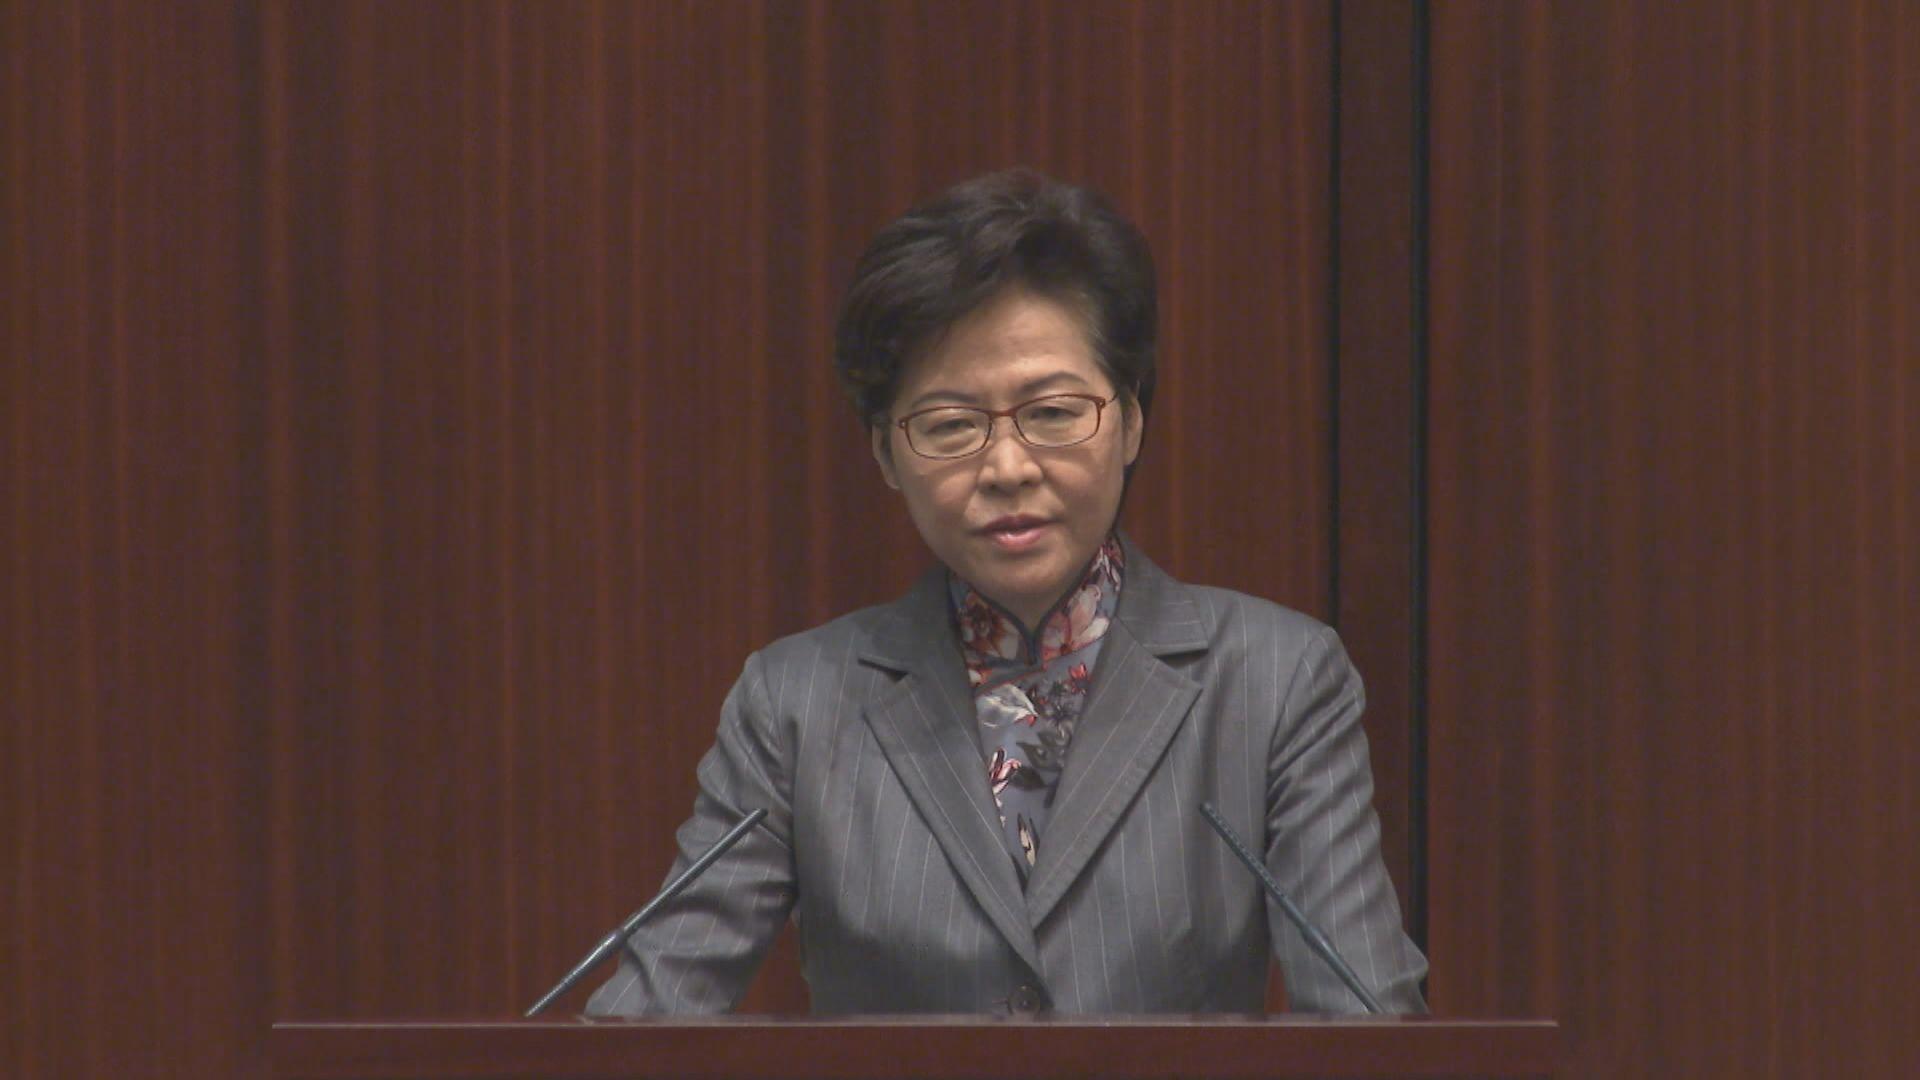 林鄭:傾向以一條綜合條例草案處理修改選舉制度